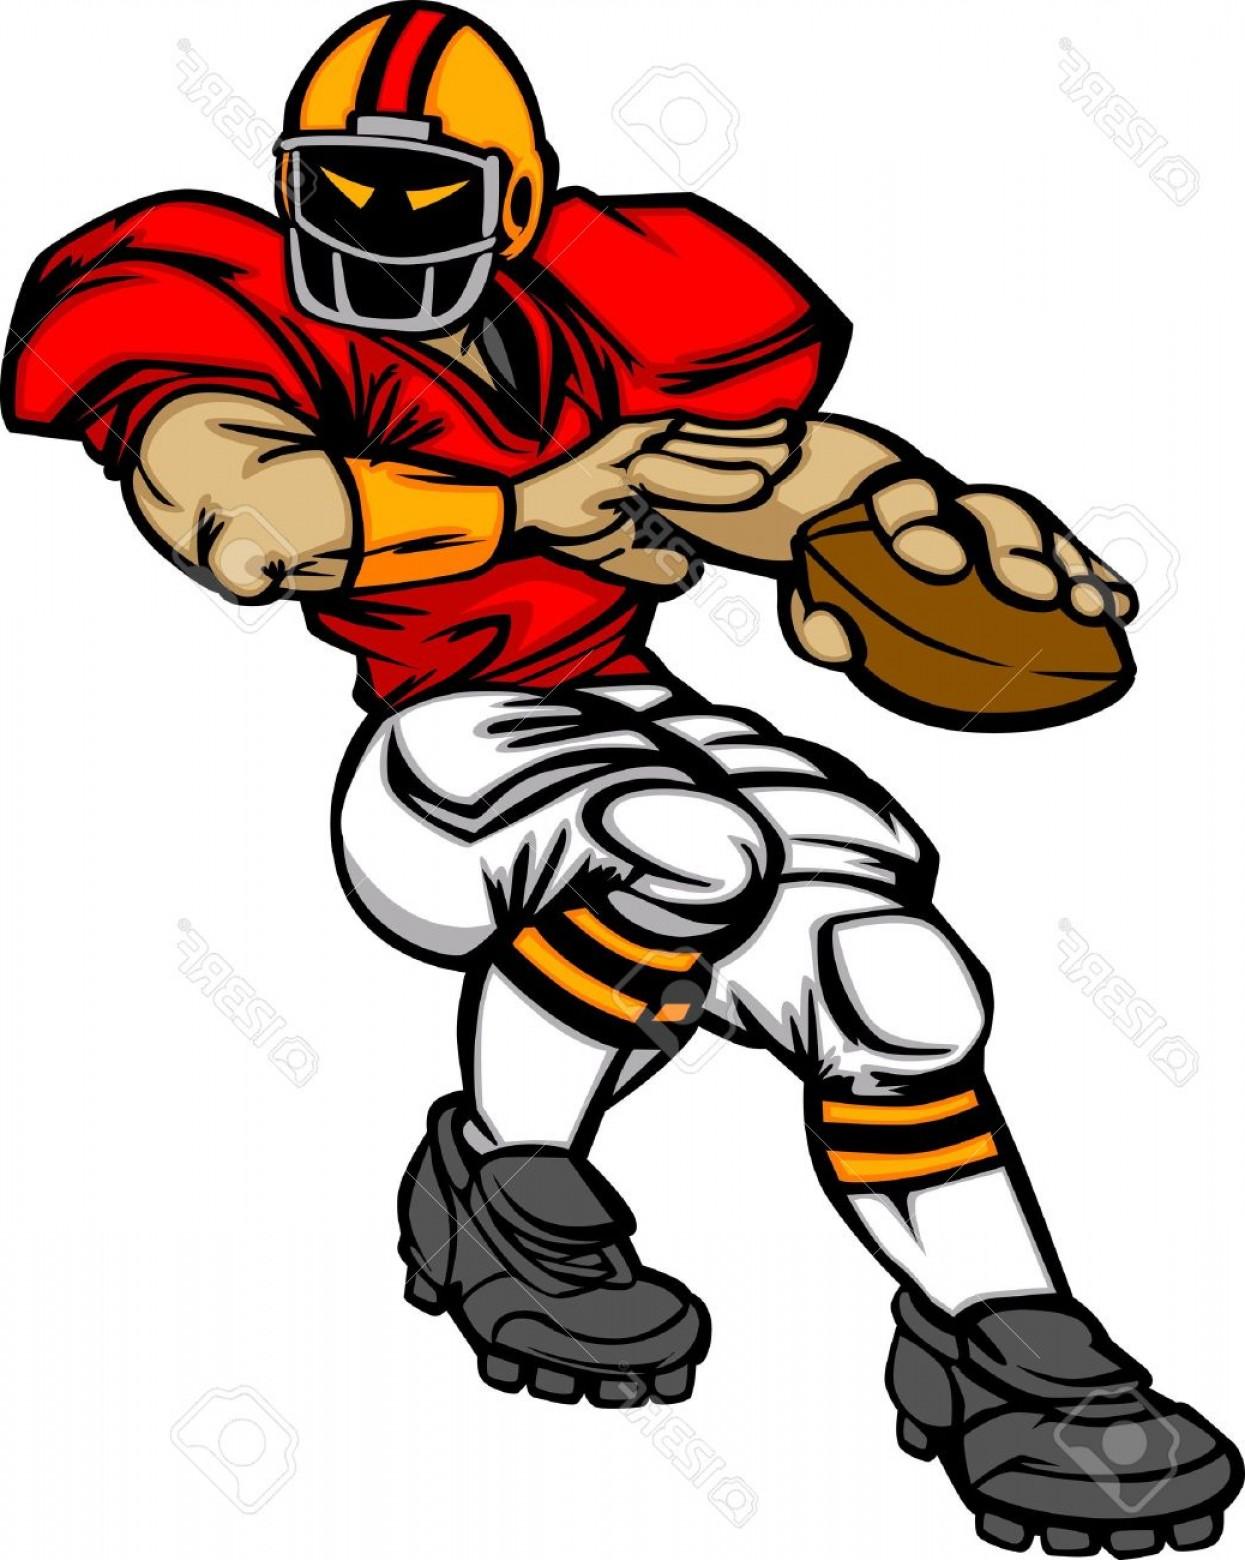 1245x1560 Photocartoon Vector Silhouette Of A Cartoon Football Player